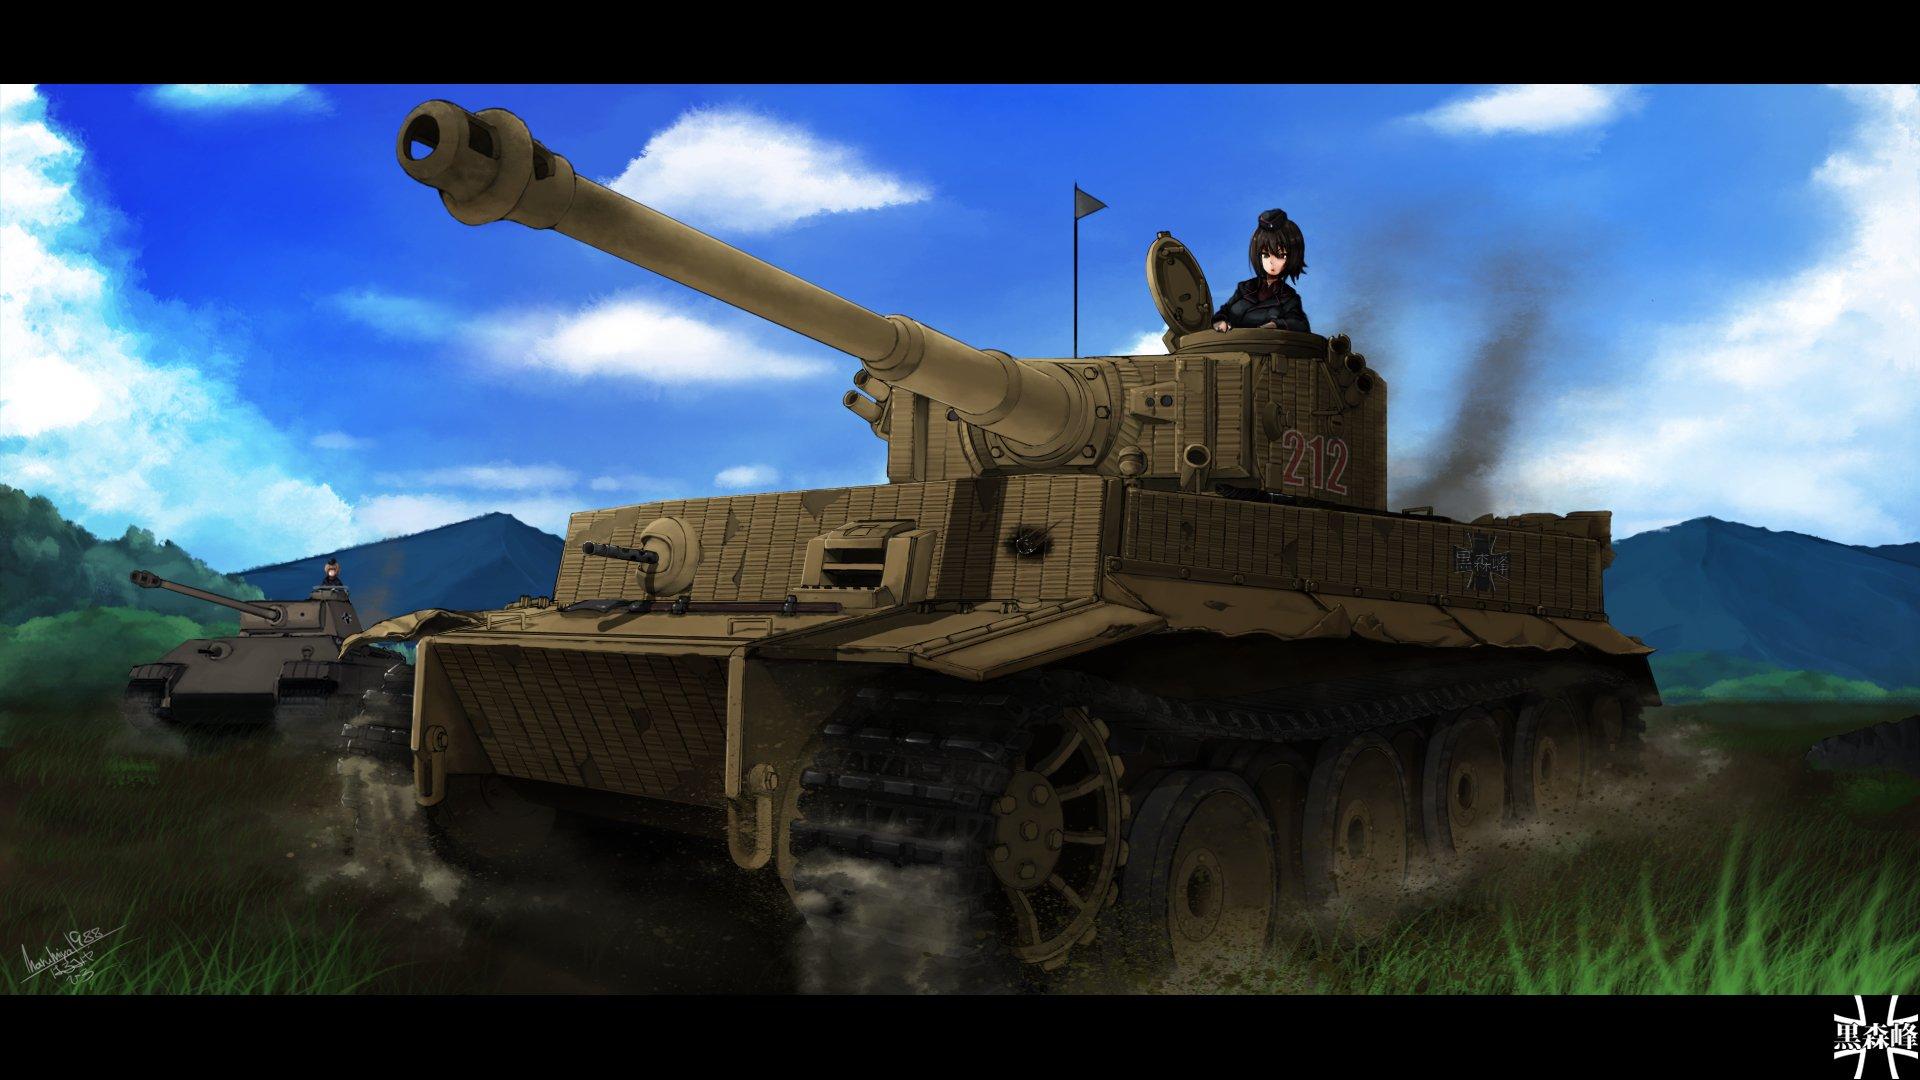 Girls Und Panzer Hd Wallpaper Background Image